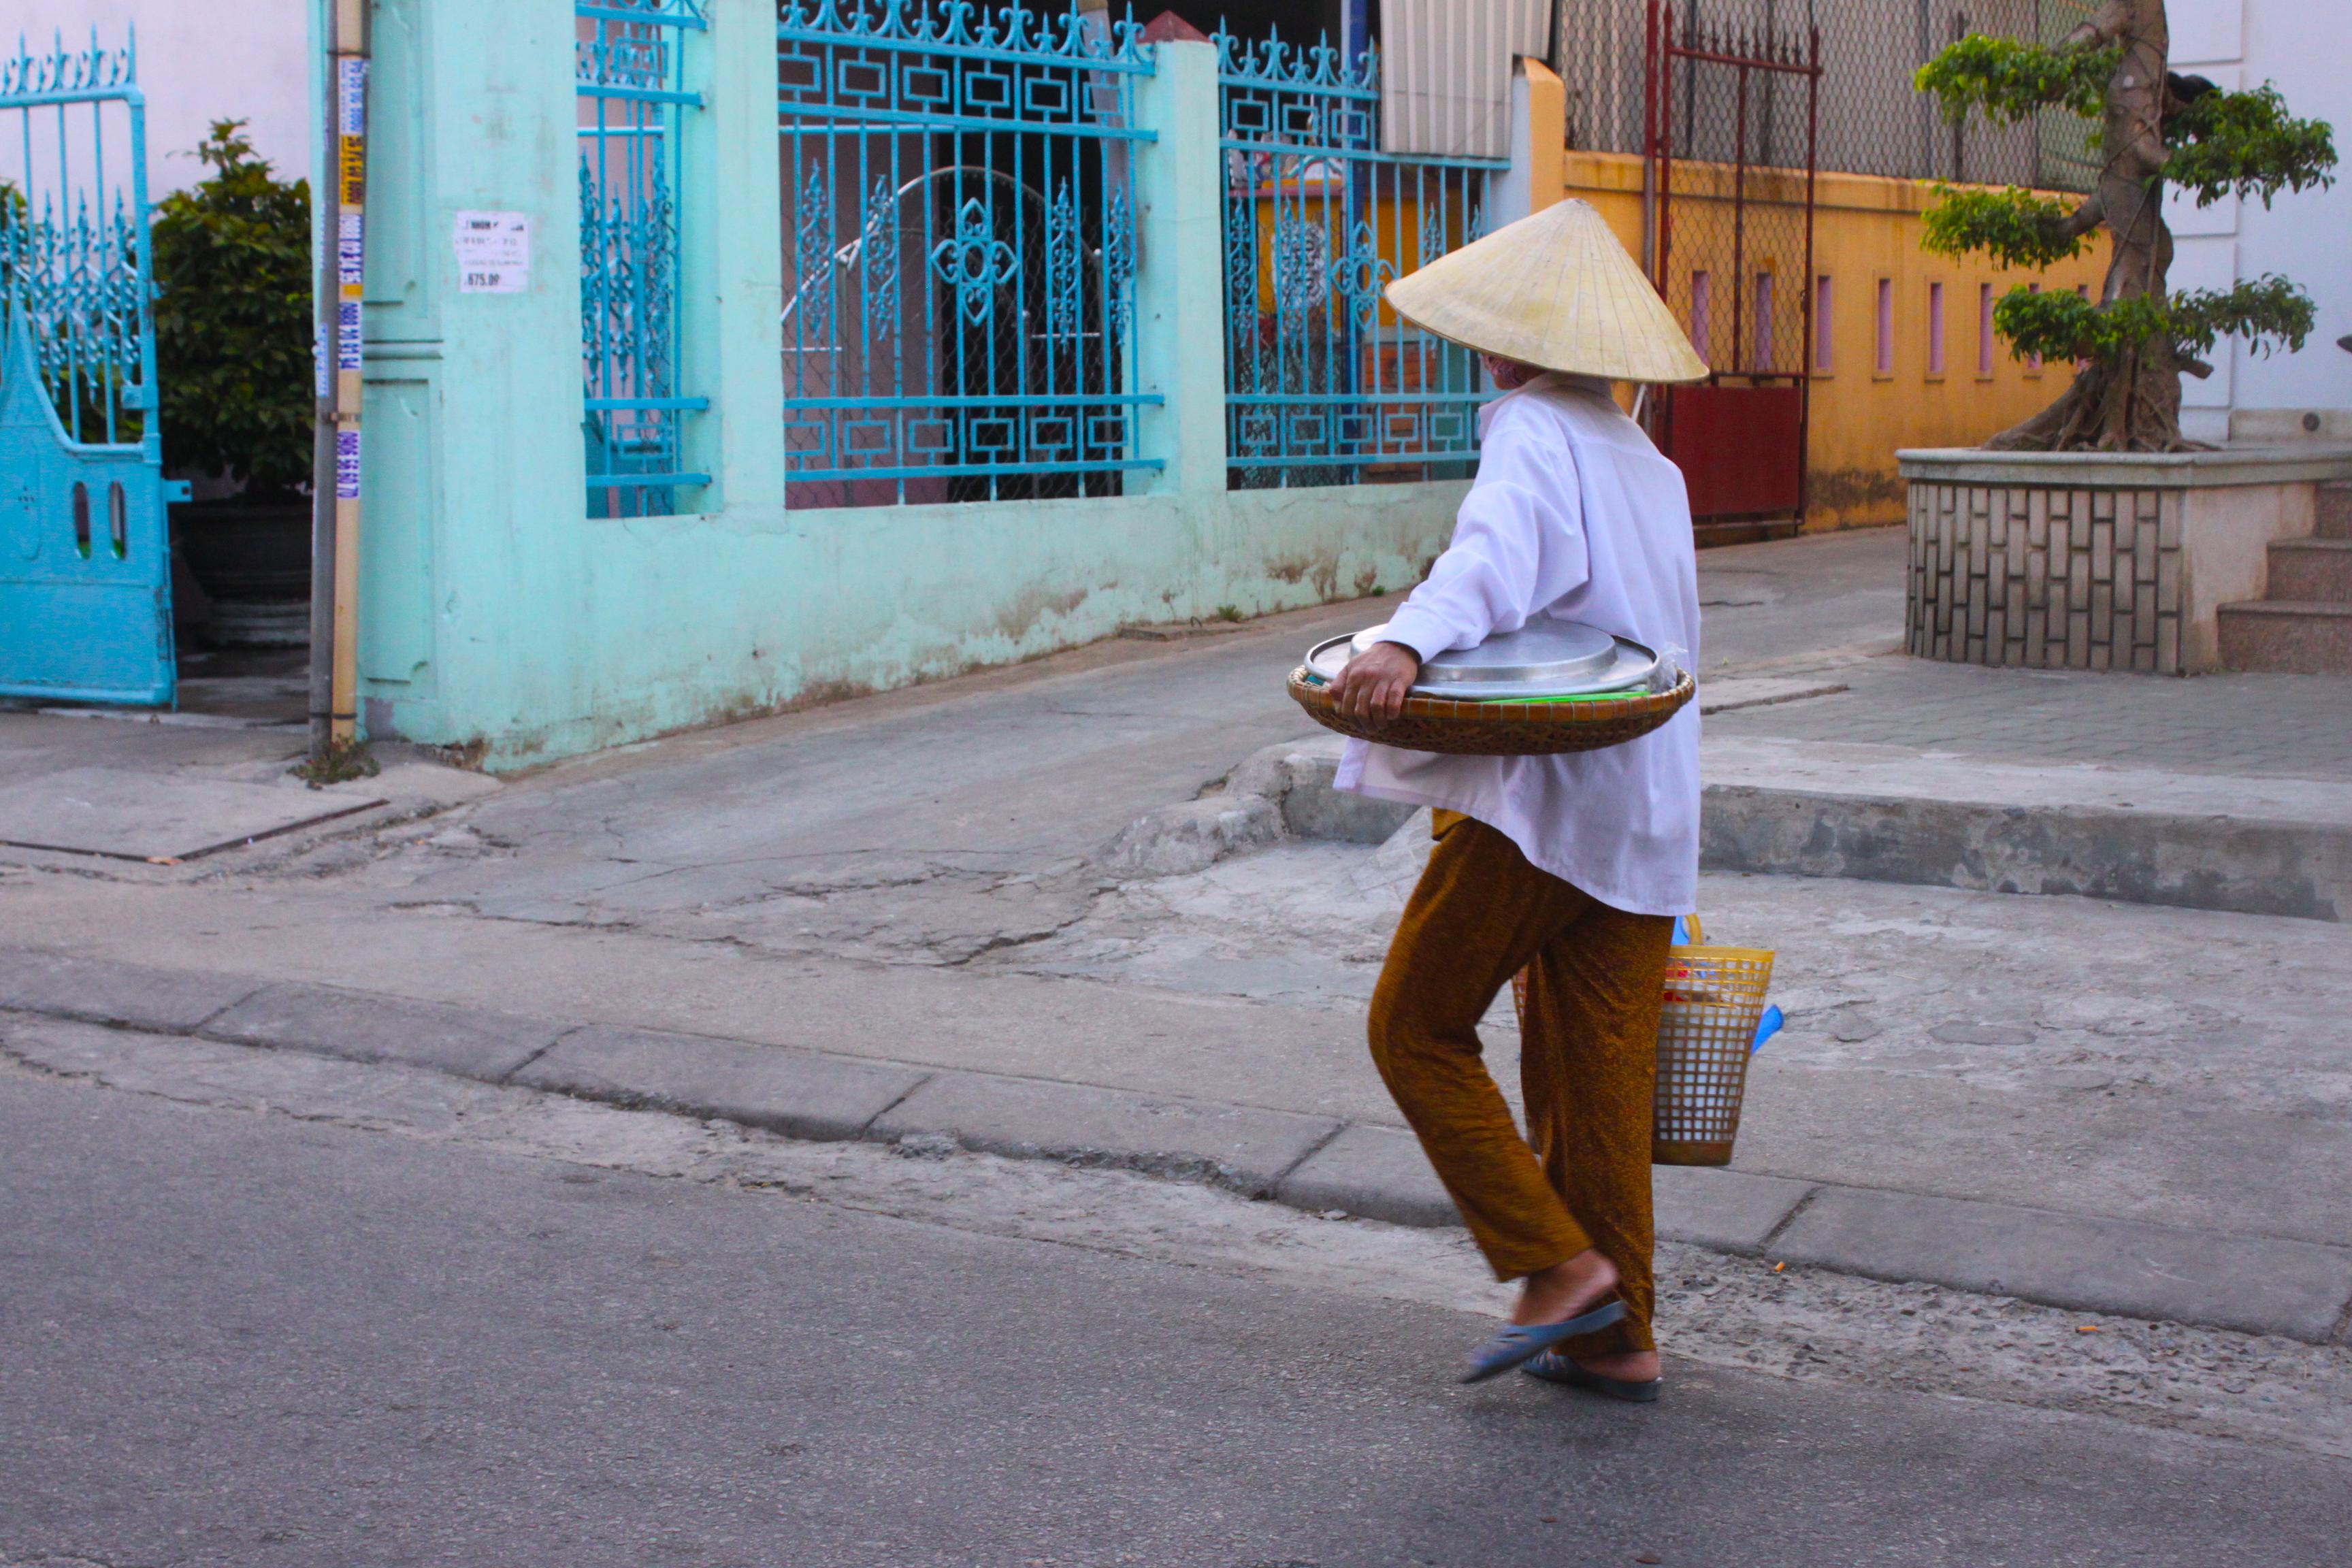 La vita quotidiana di Huè, più bella di qualunque monumento